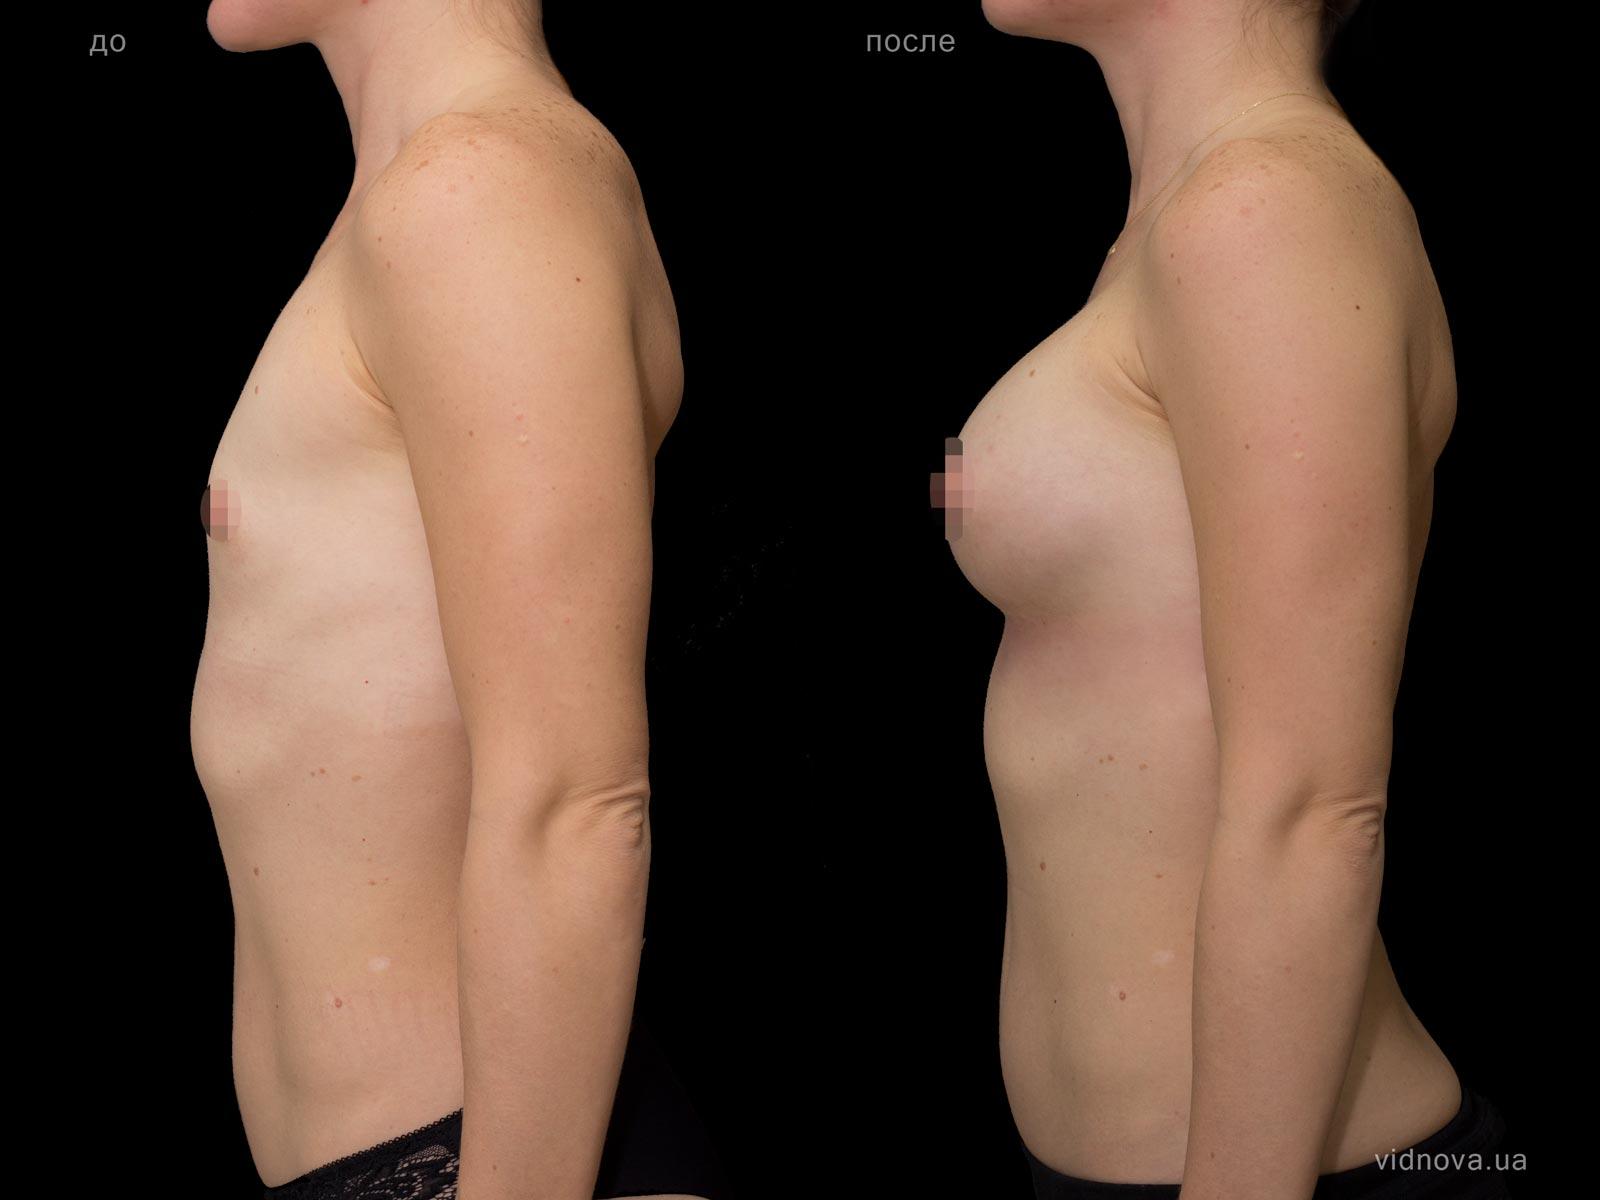 Пластика груди: результаты до и после - Пример №70-2 - Светлана Работенко